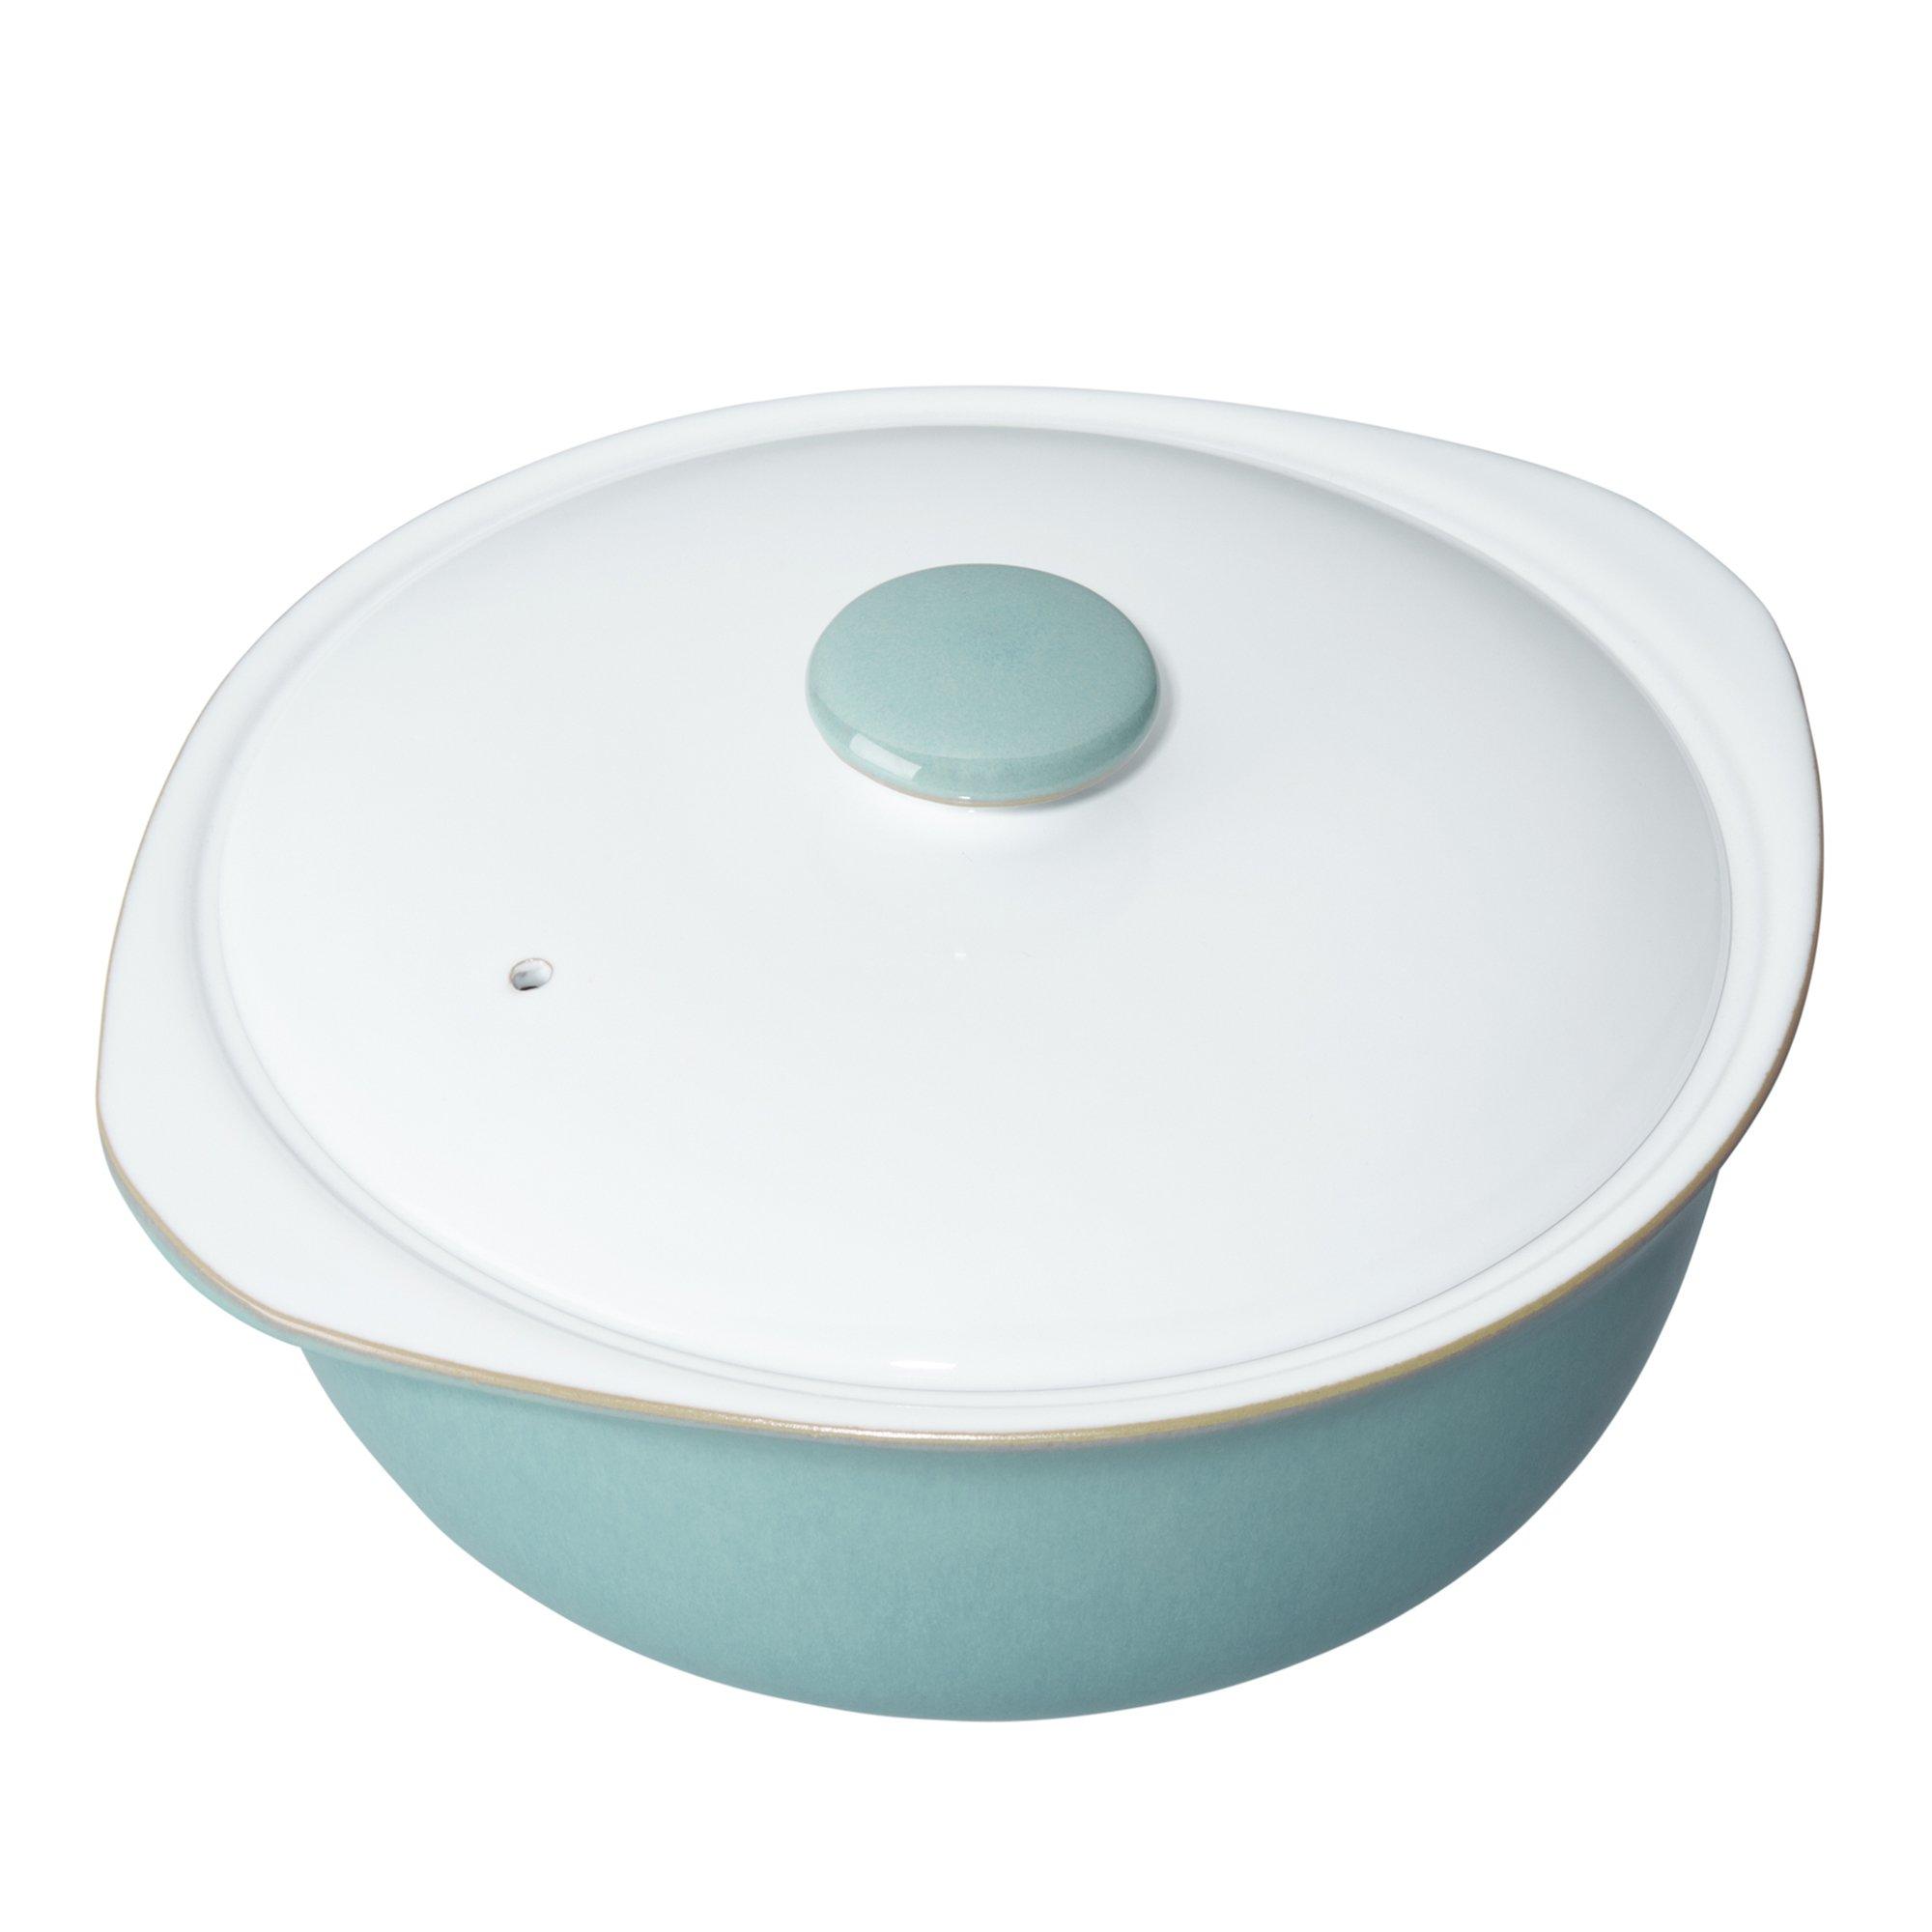 Denby Azure Casserole Dish by Denby